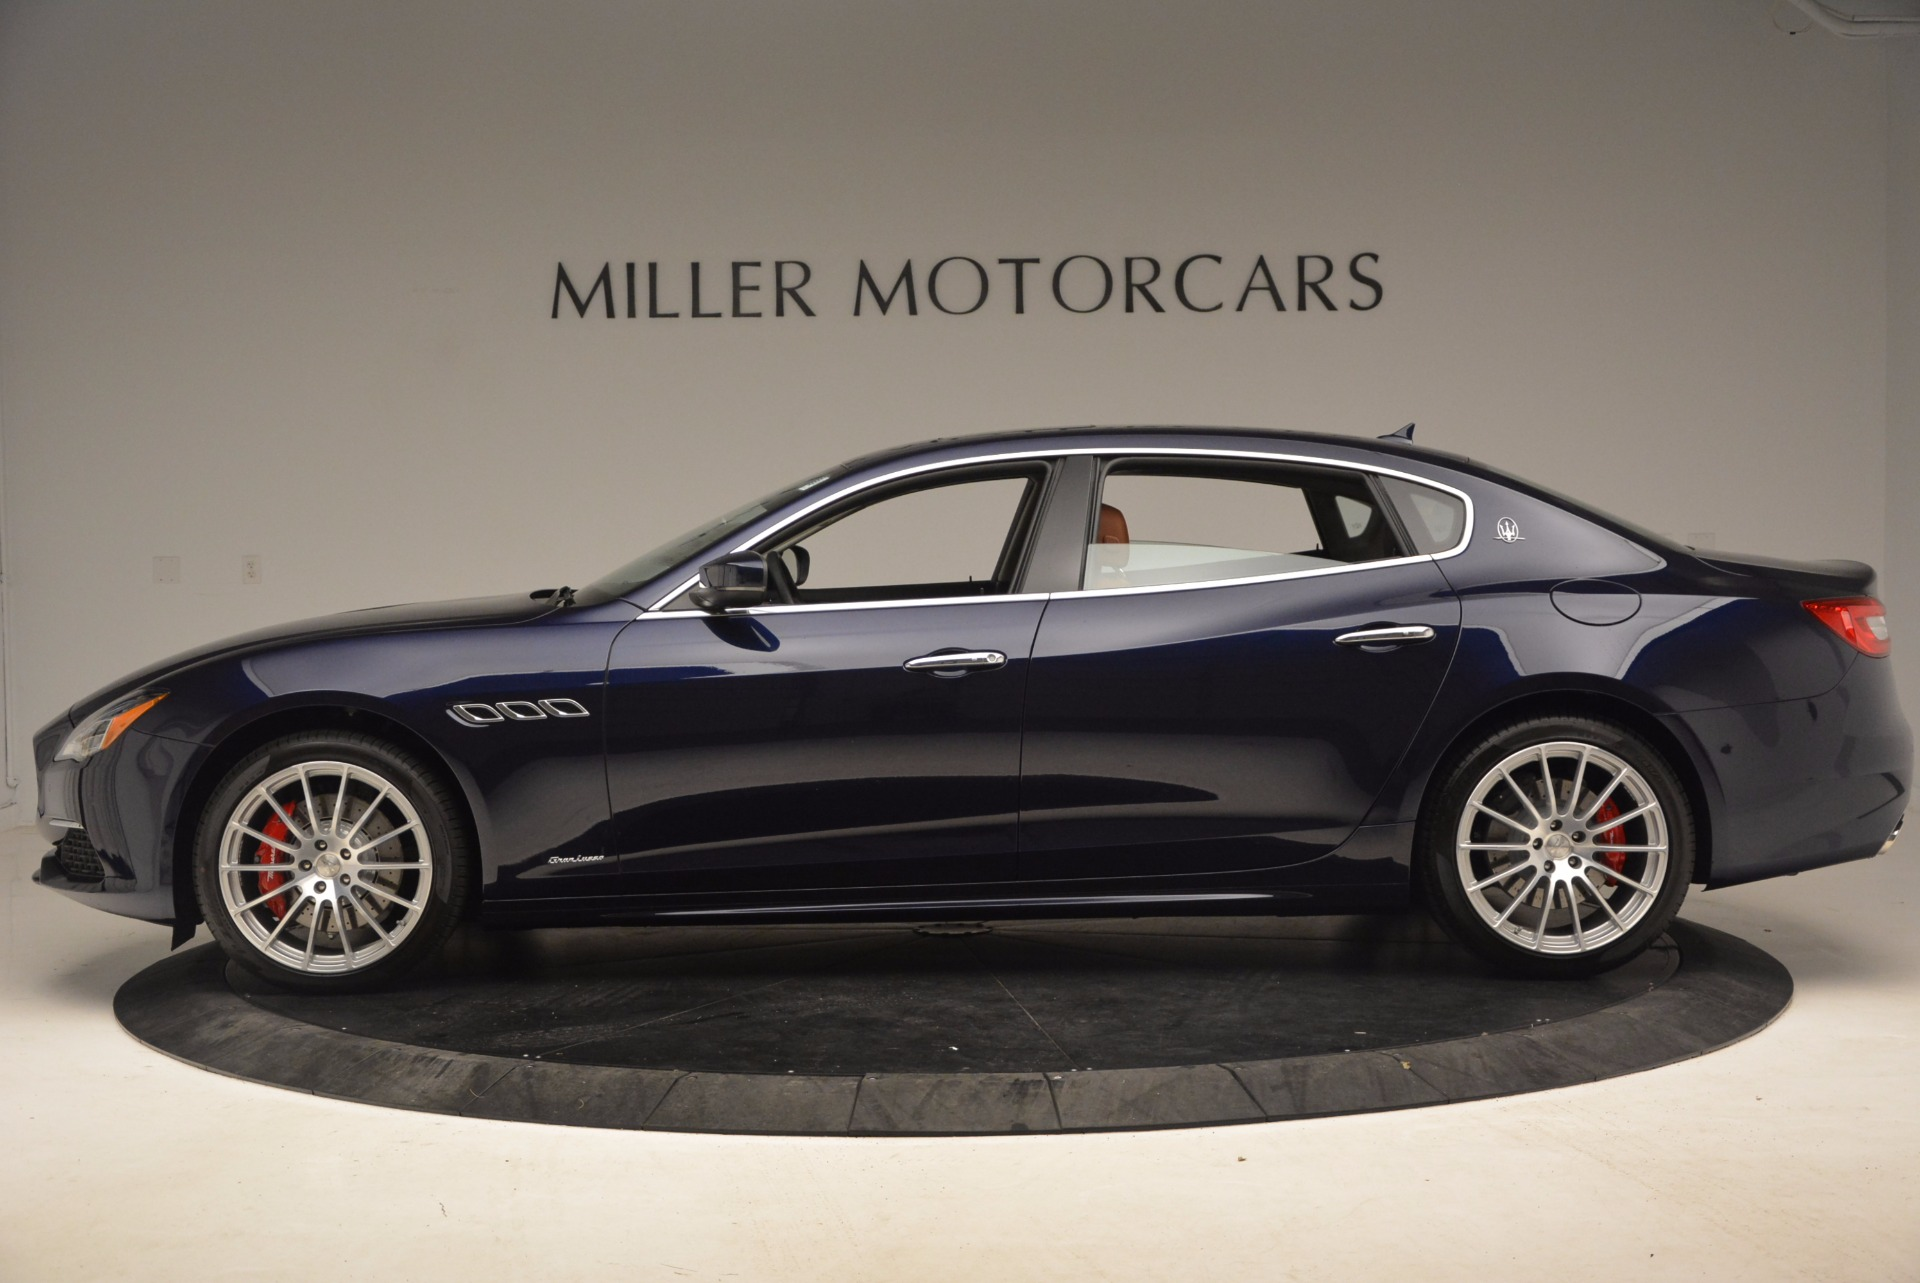 New 2018 Maserati Quattroporte S Q4 GranLusso For Sale In Greenwich, CT. Alfa Romeo of Greenwich, M1949 1614_p3